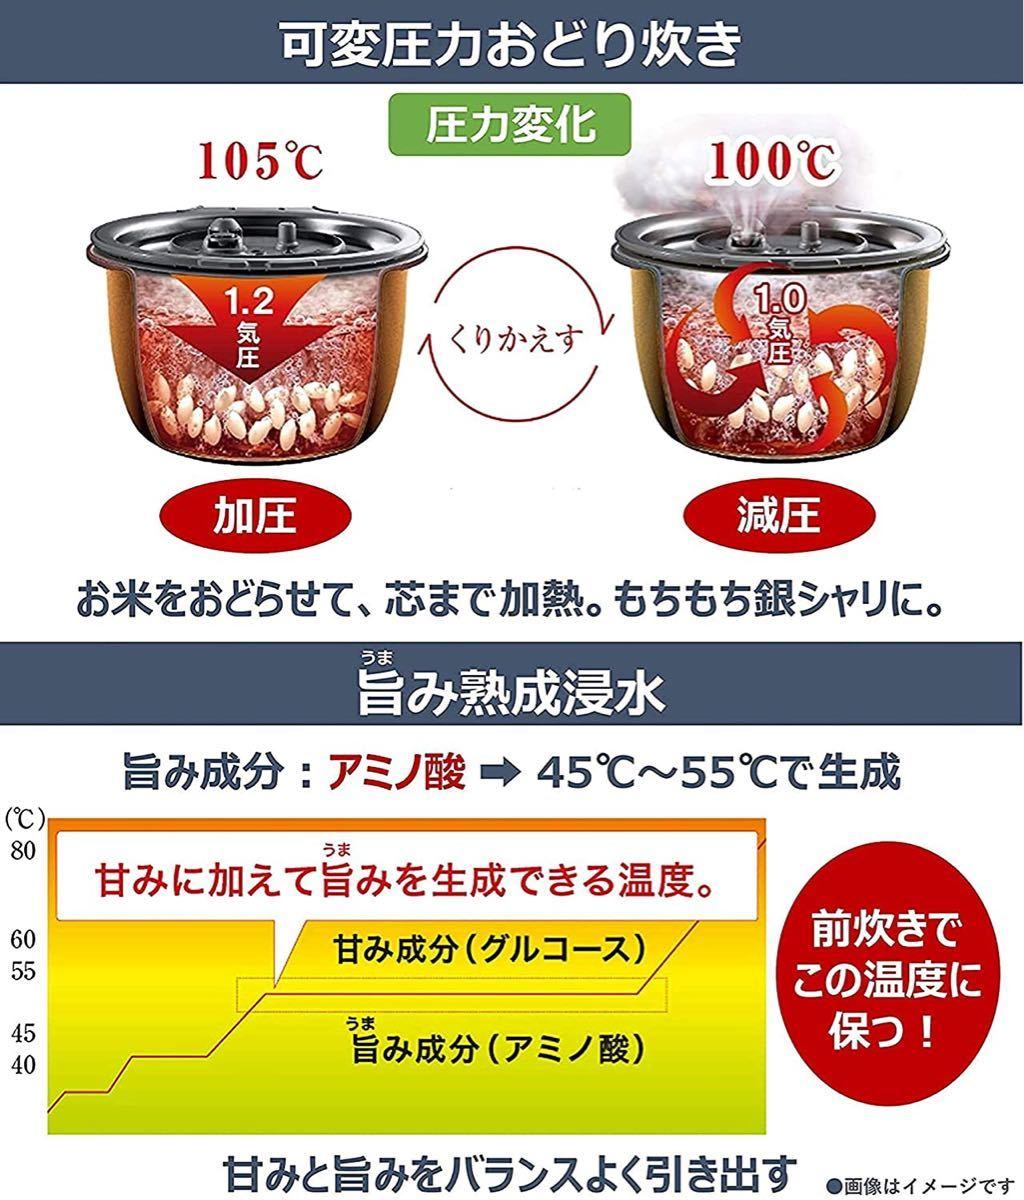 パナソニック 炊飯器 5.5合 可変圧力IH式 おどり炊き ブラック SR-MPA100-K